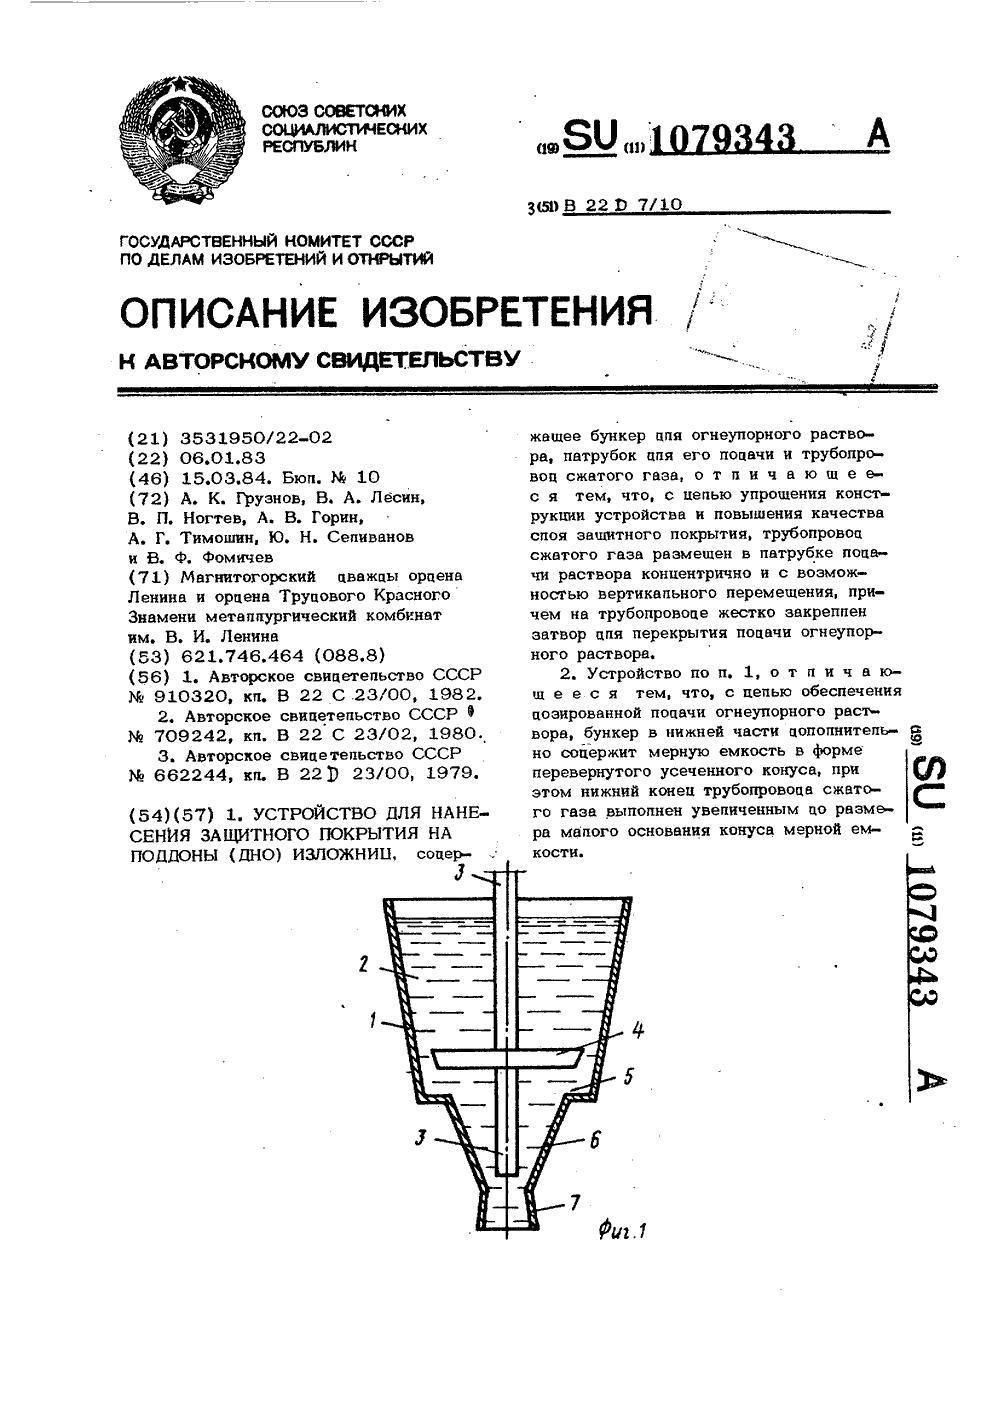 схема укладка мешков на поддоне